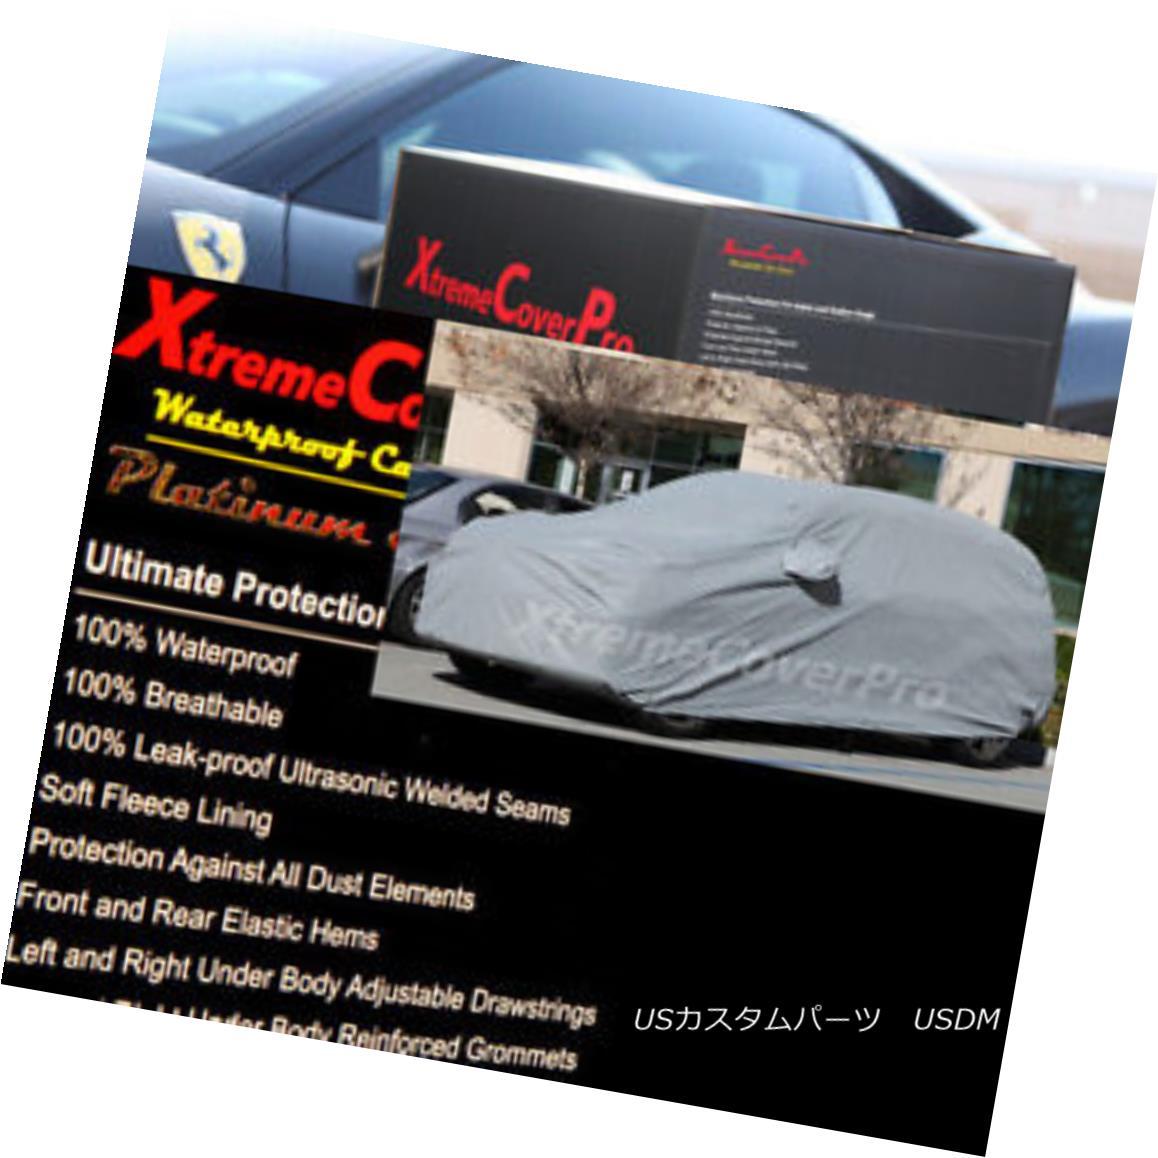 カーカバー 2011 2012 2013 Lincoln MKX Waterproof Car Cover w/MirrorPocket 2011年2012年2013年リンカーンMKX防水カーカバー付きMirrorPocket